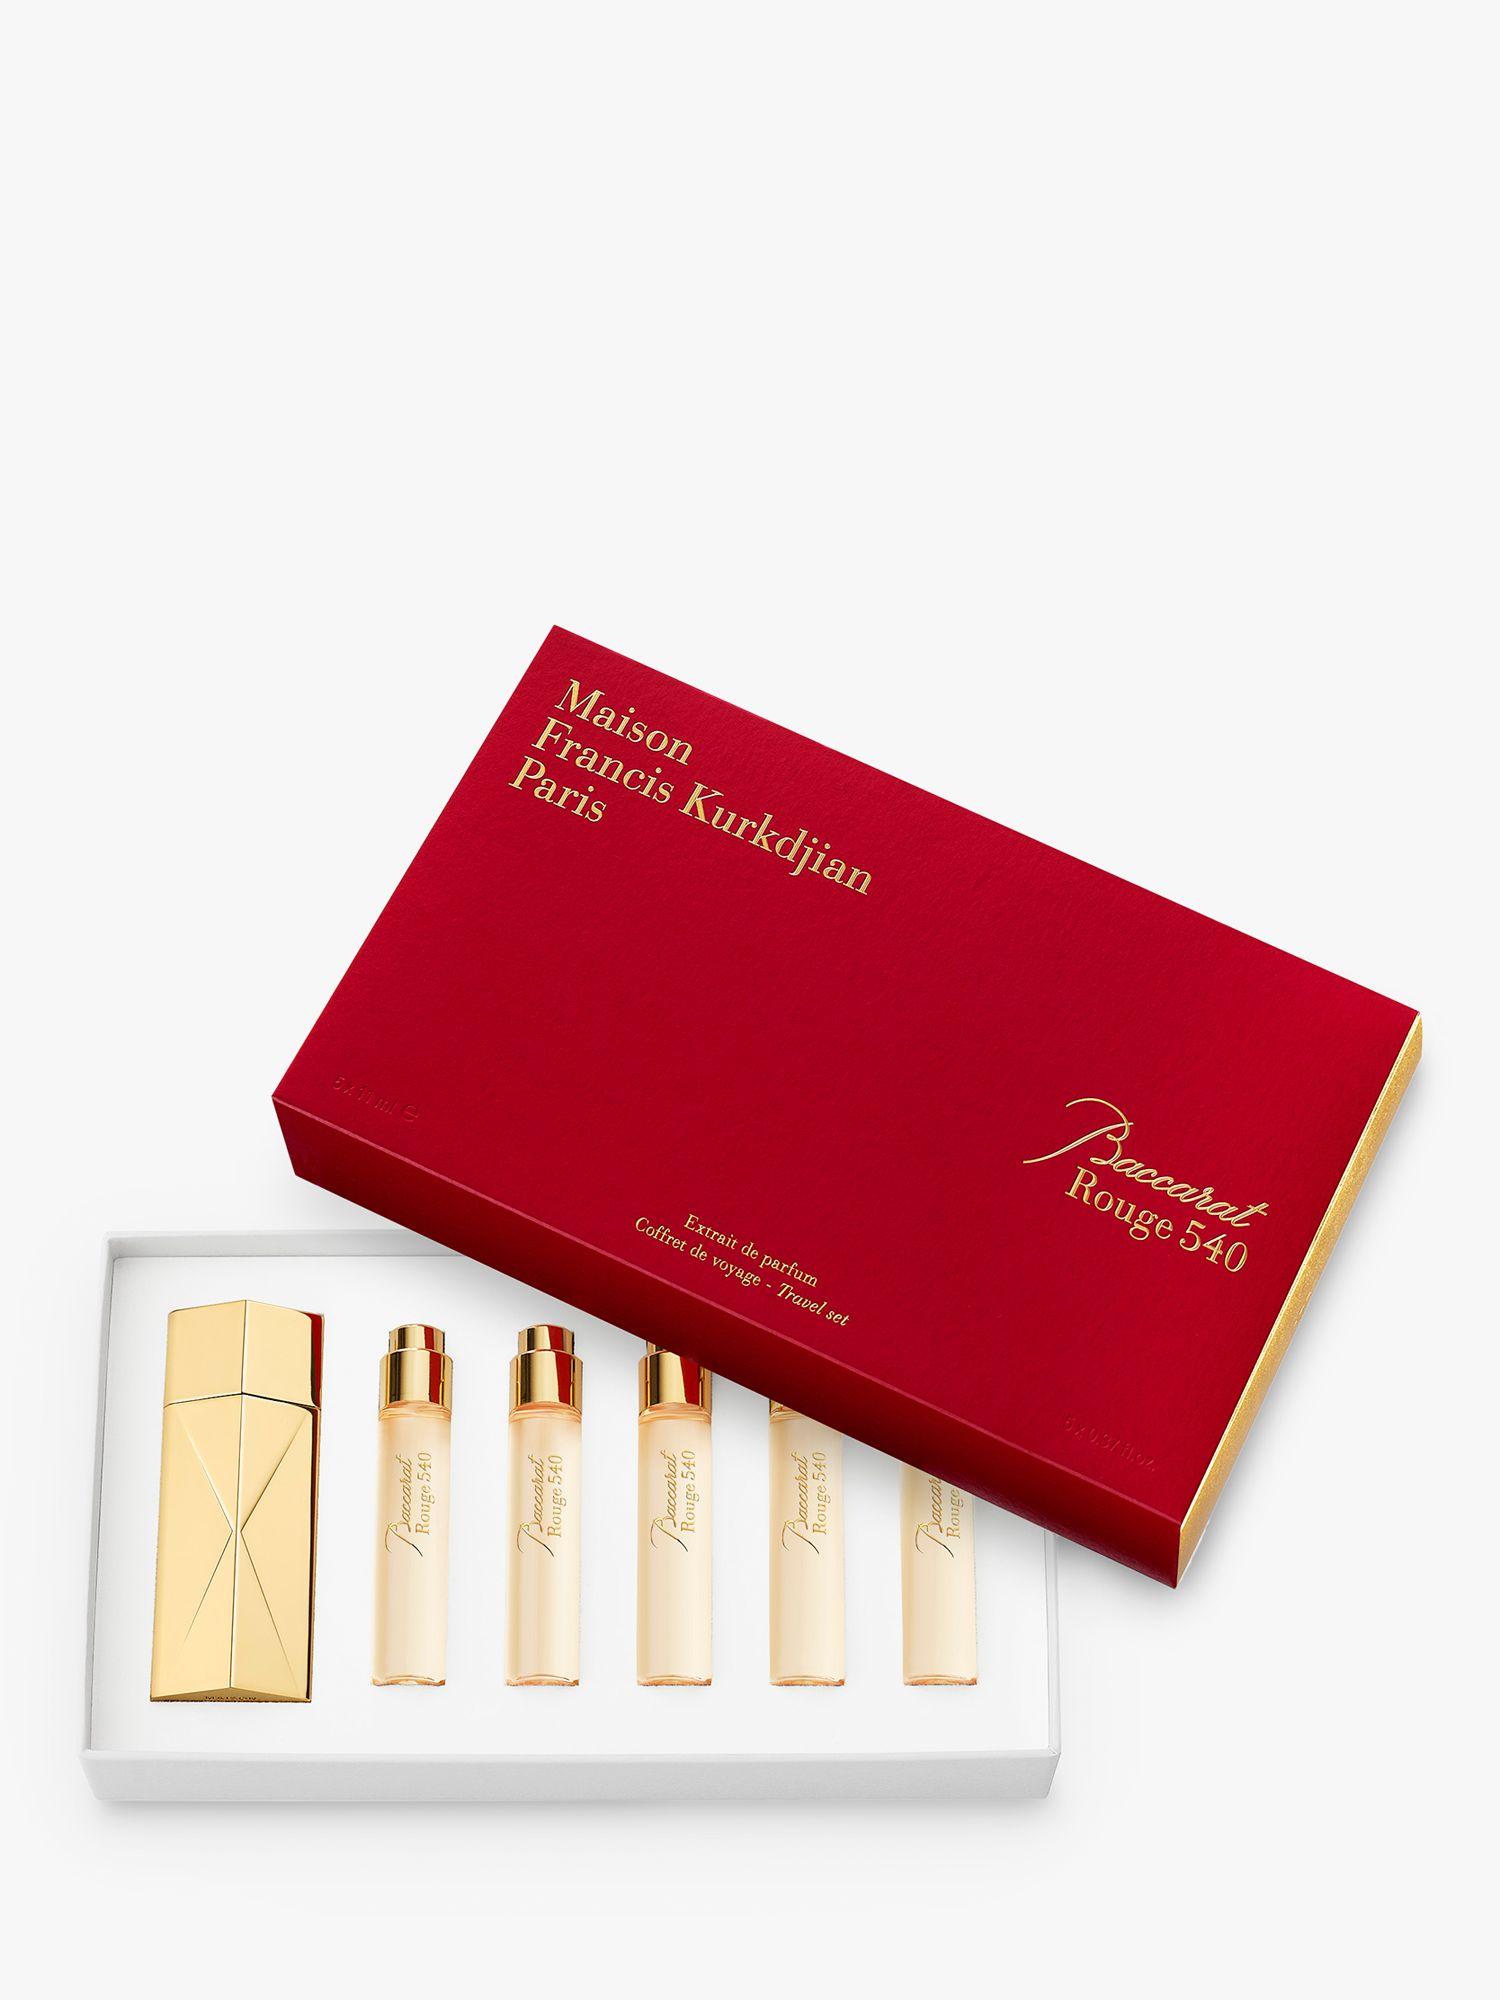 Maison Francis Kurkdjian Maison Francis Kurkdjian Baccarat Rouge 540 Extrait de Parfum Travel Set